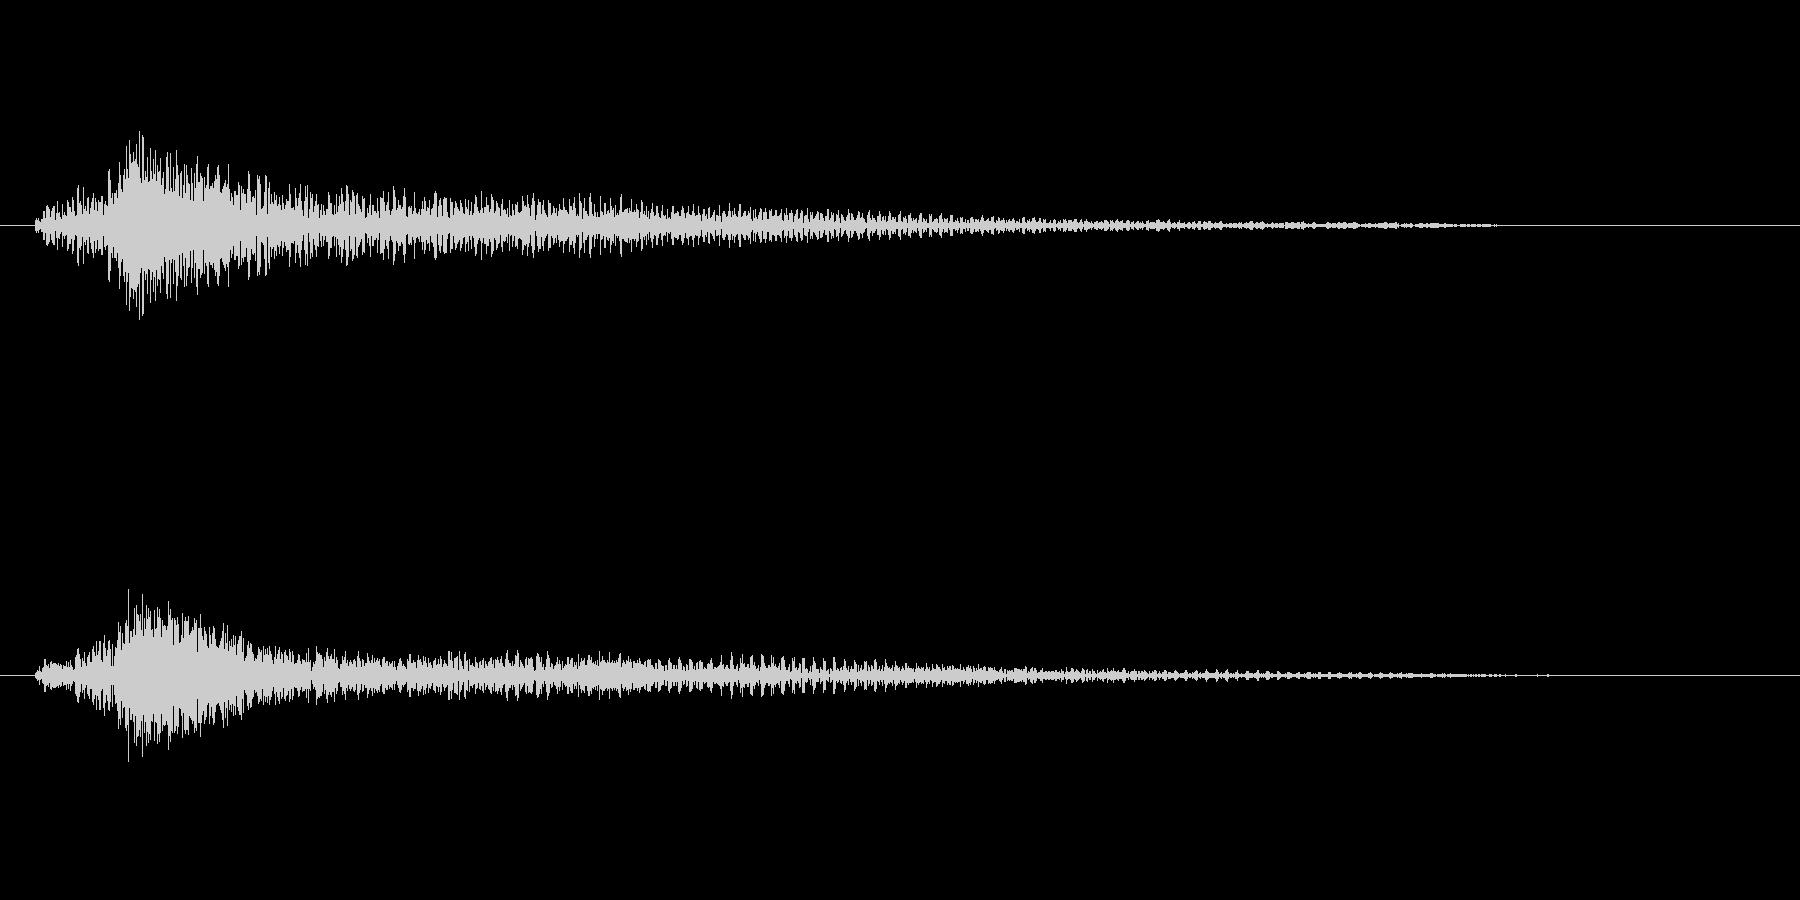 ファンタジー かわいい効果音 決定系05の未再生の波形